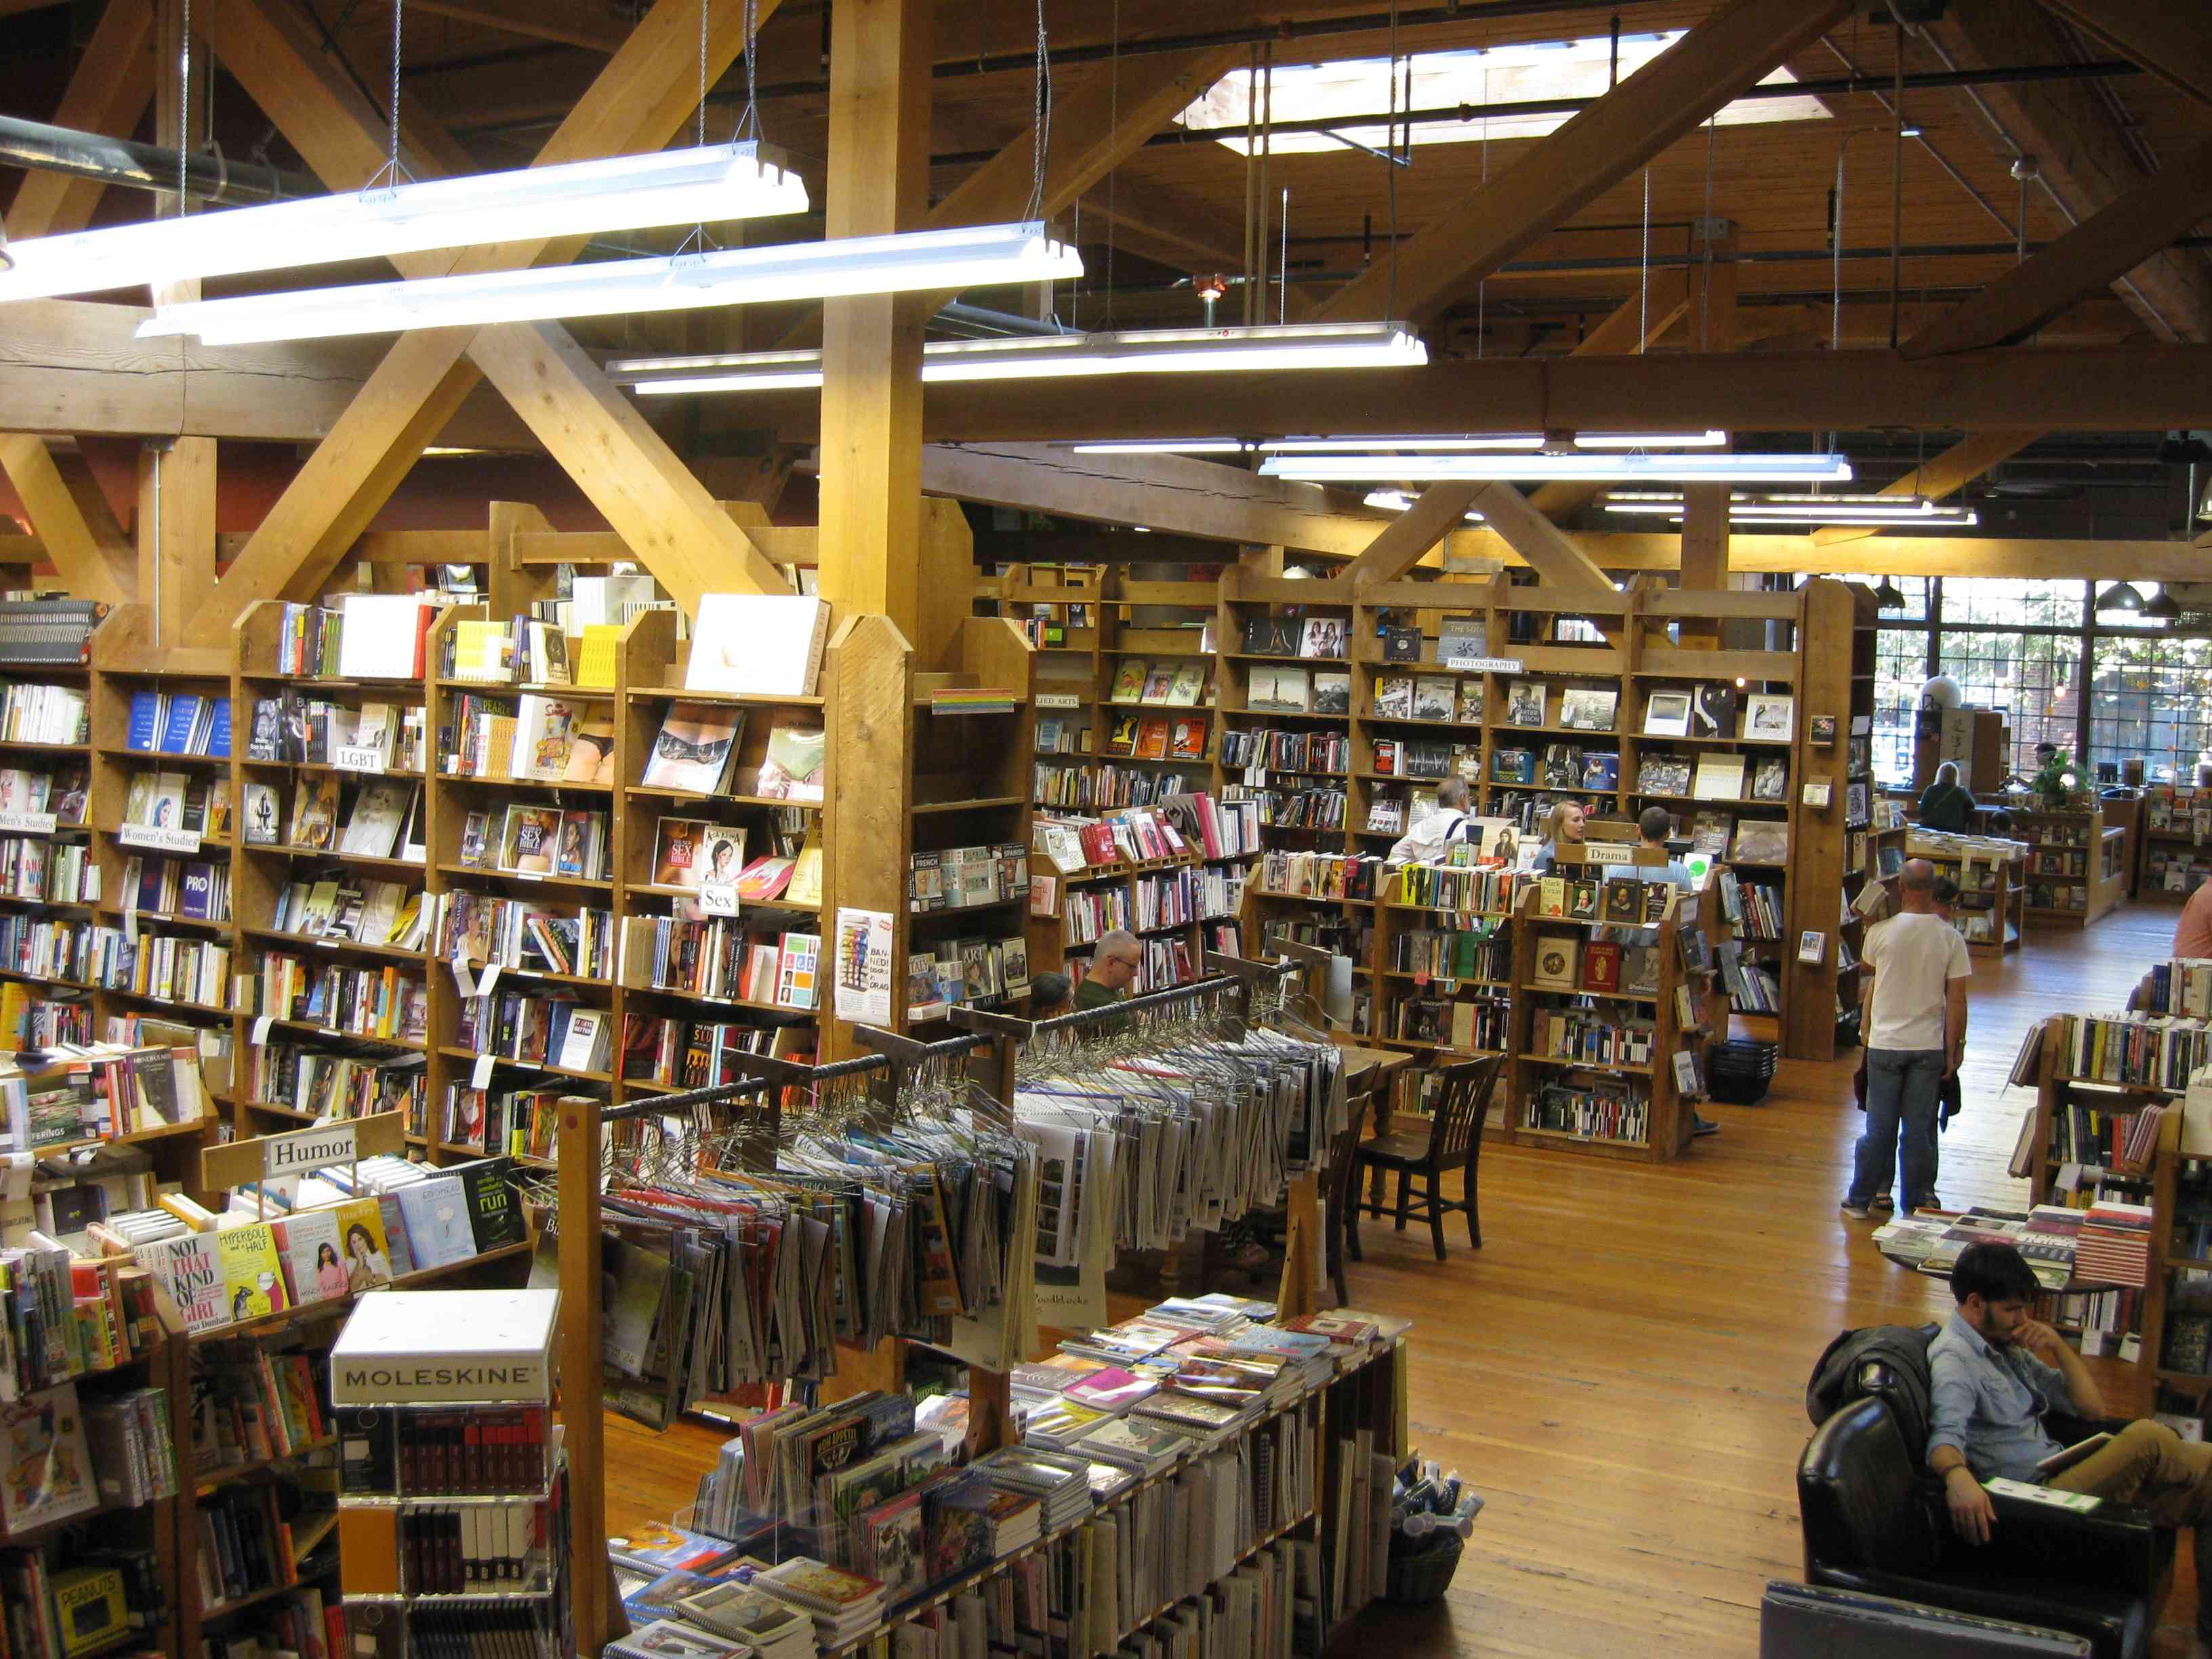 Librería Elliott Bay